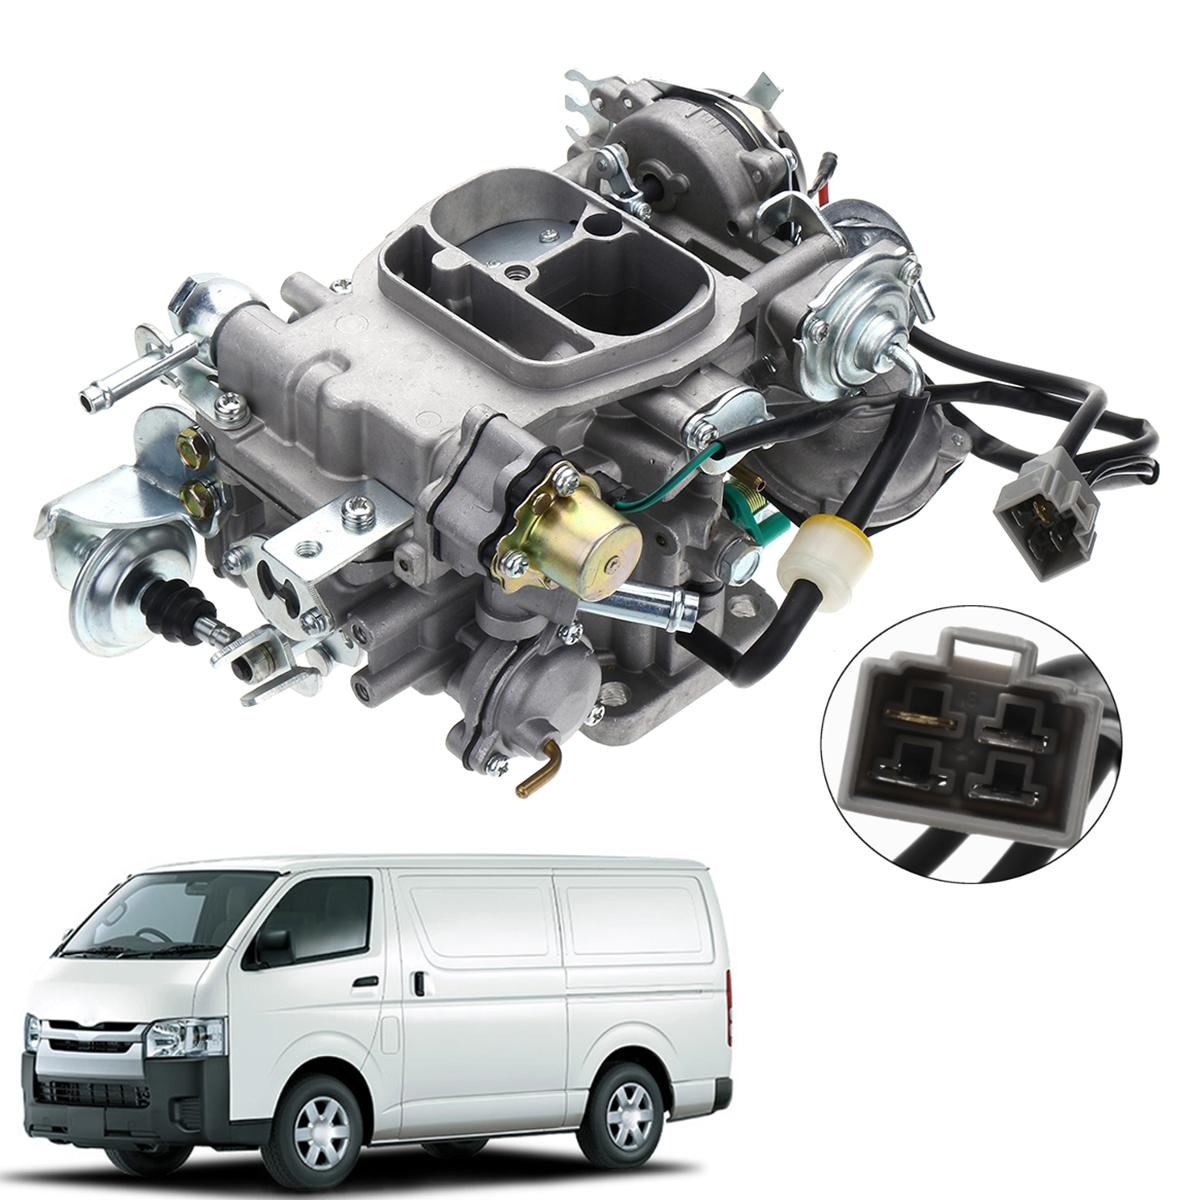 Carburettor Carb For TOYOTA HIACE 1Y 2Y 3Y 4Y 1RZYH53 YH63 YH73 1.8L 21100-75030